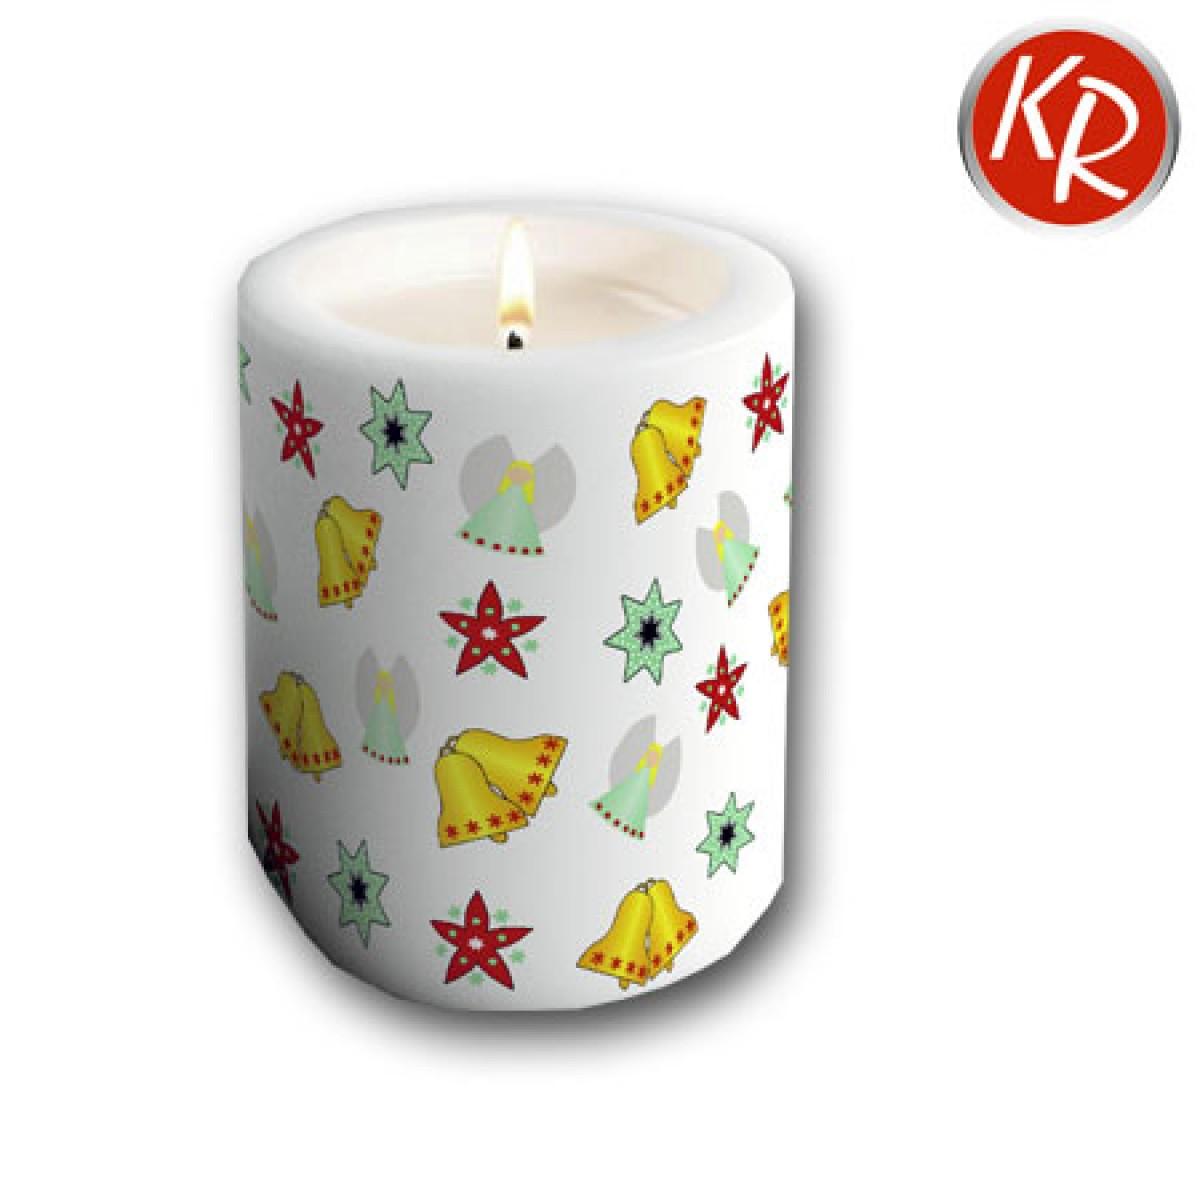 Kerze Weihnachtsornamente weiß  72-0066